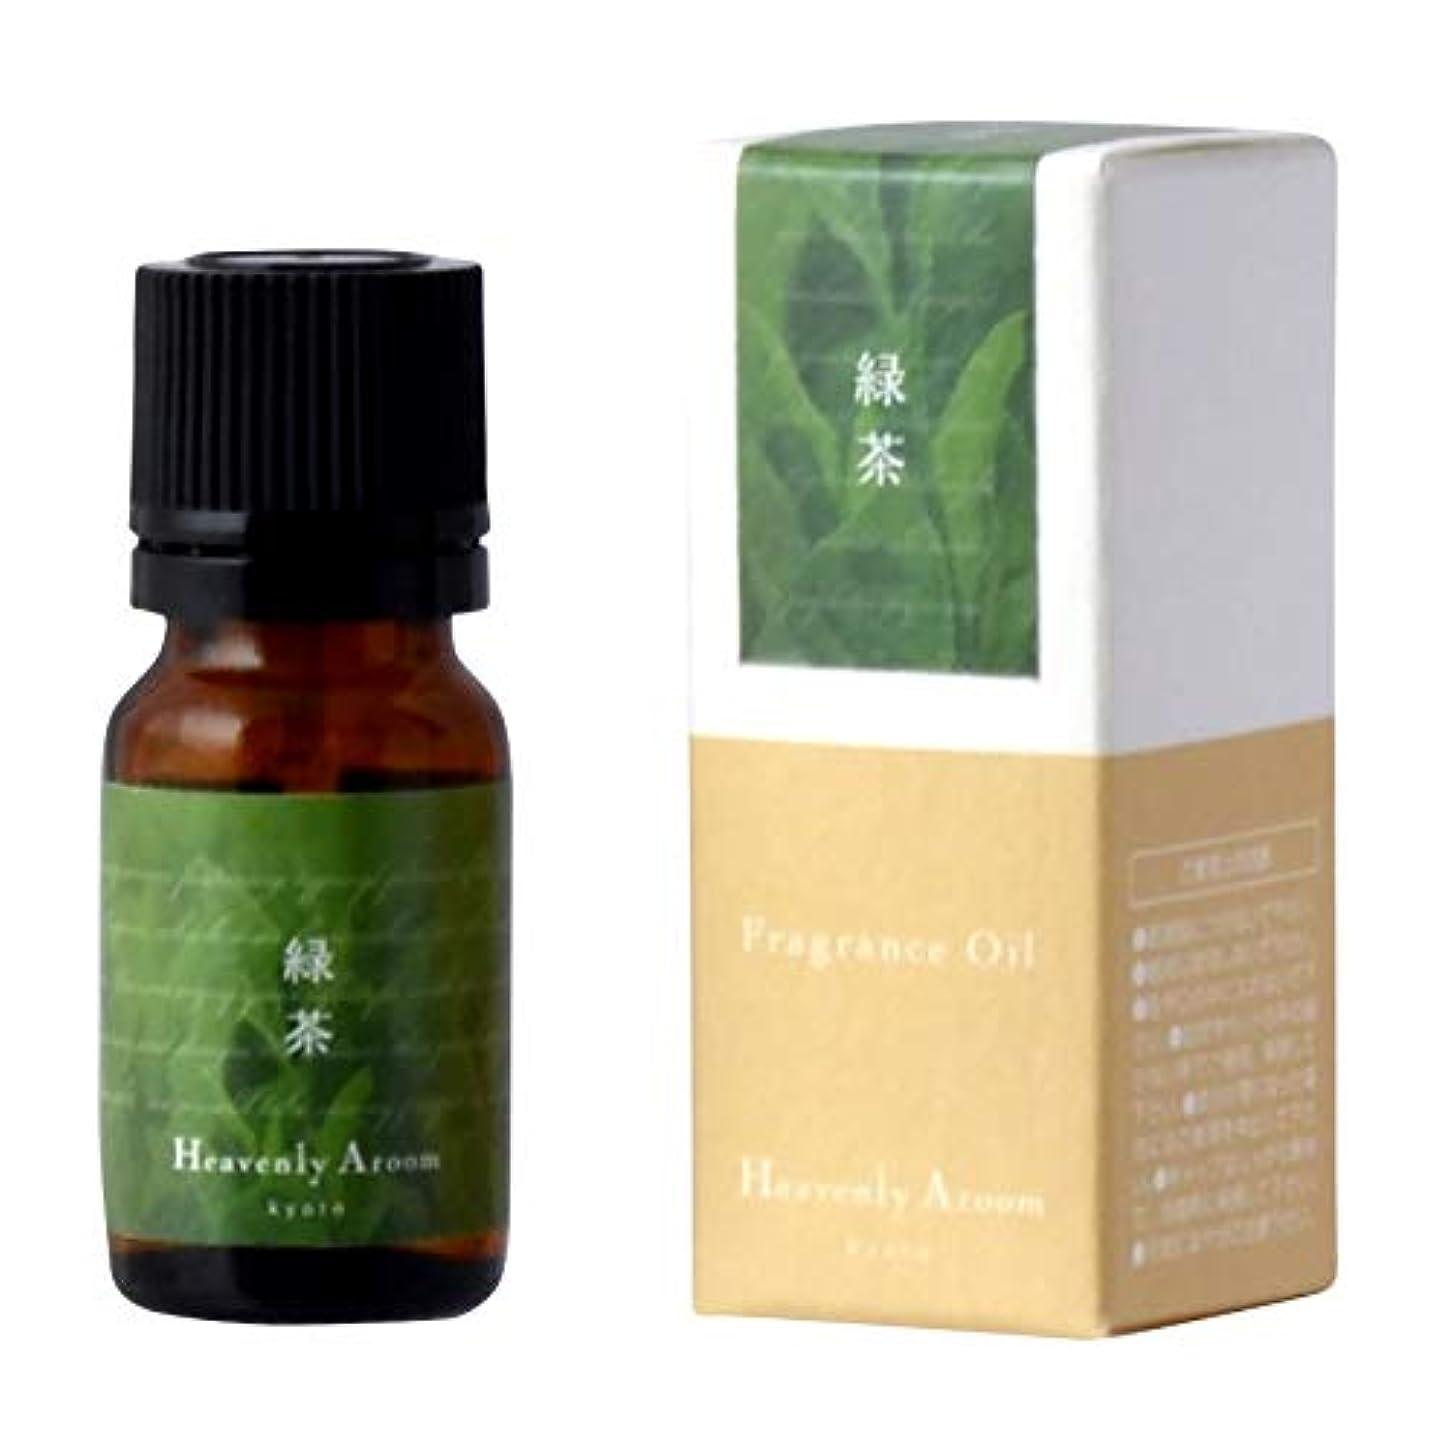 不変征服不健全Heavenly Aroom フレグランスオイル 緑茶 10ml